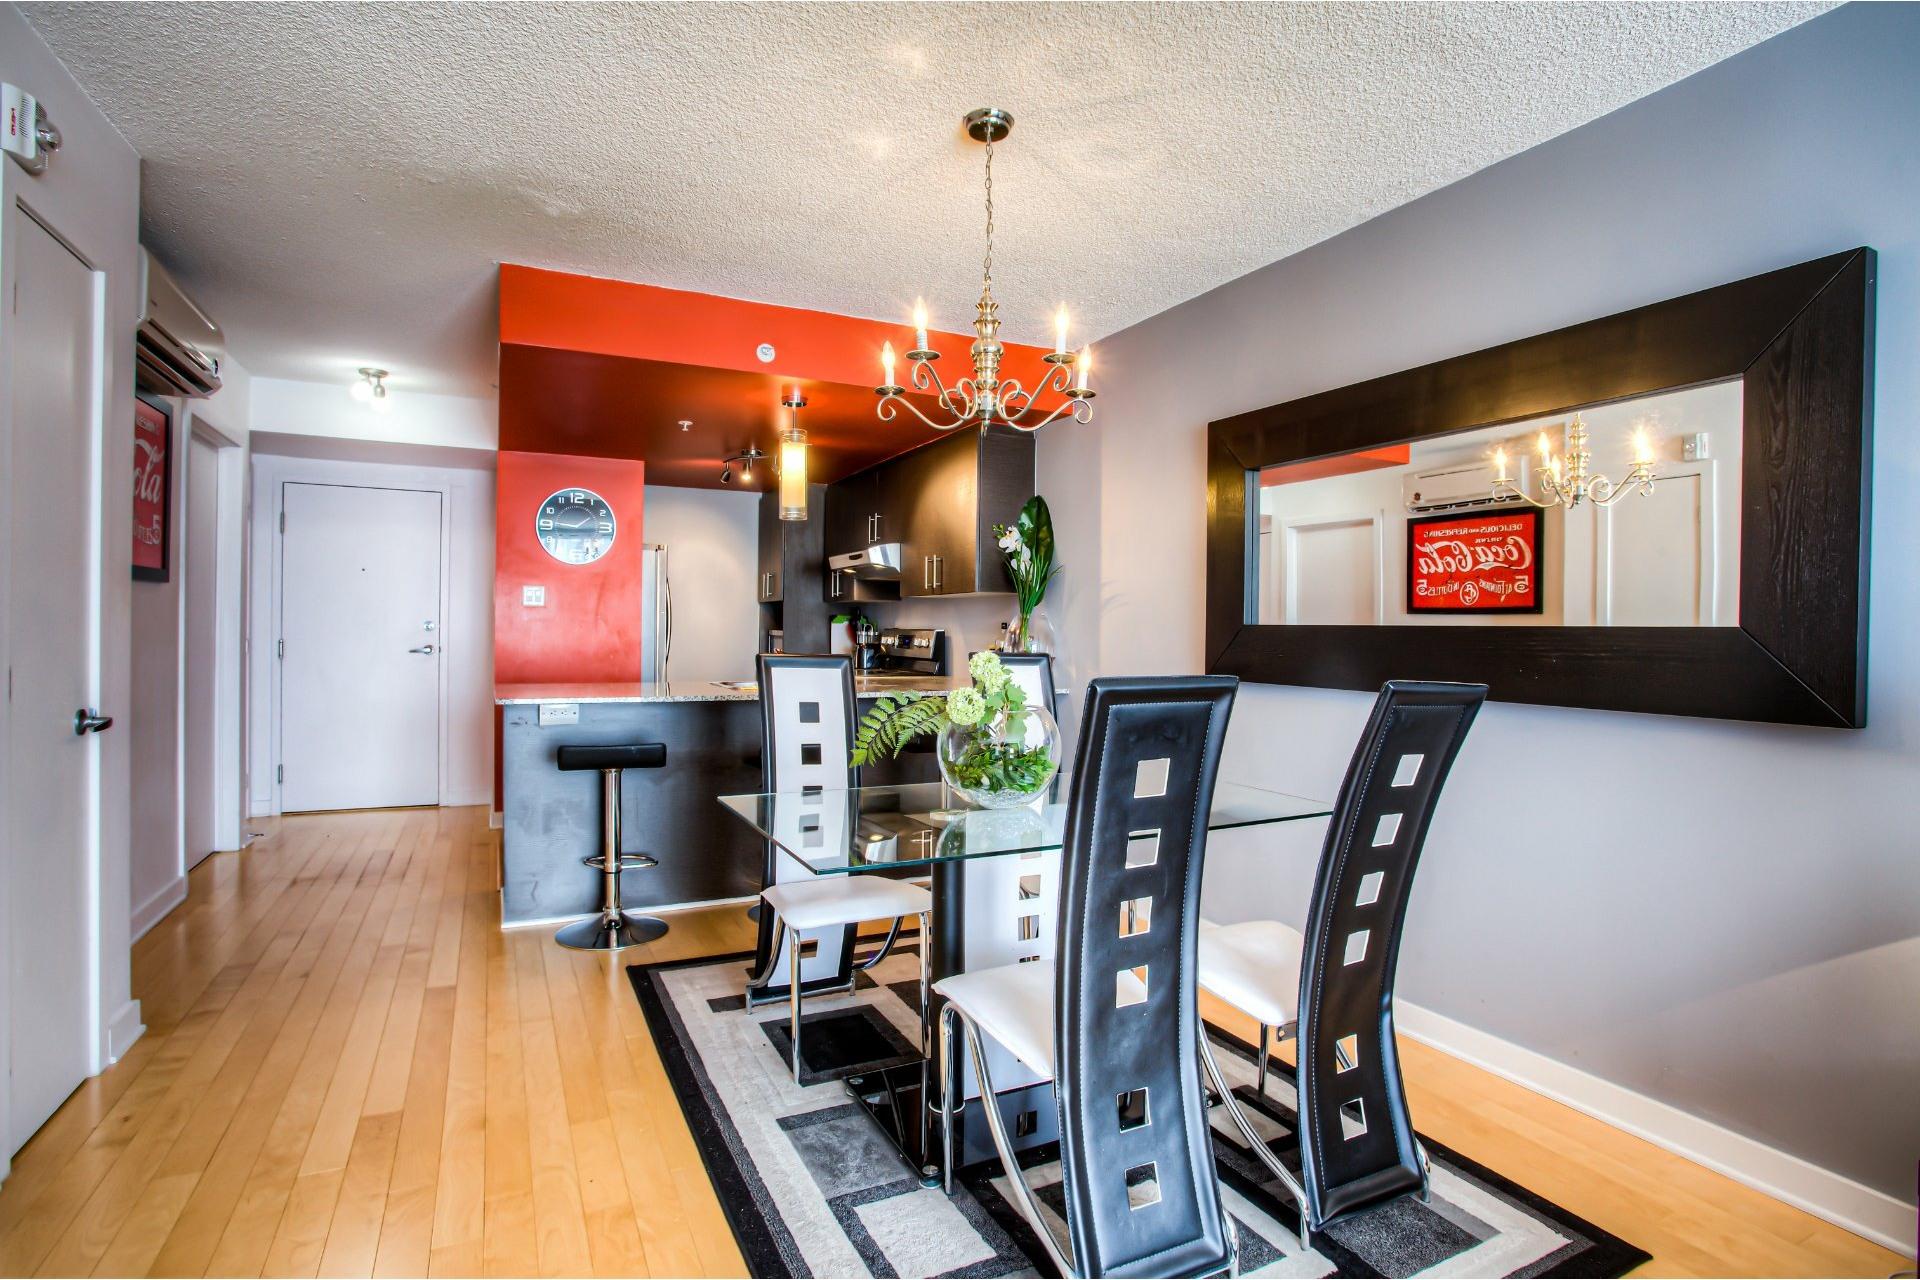 image 5 - Appartement À vendre Ahuntsic-Cartierville Montréal  - 3 pièces